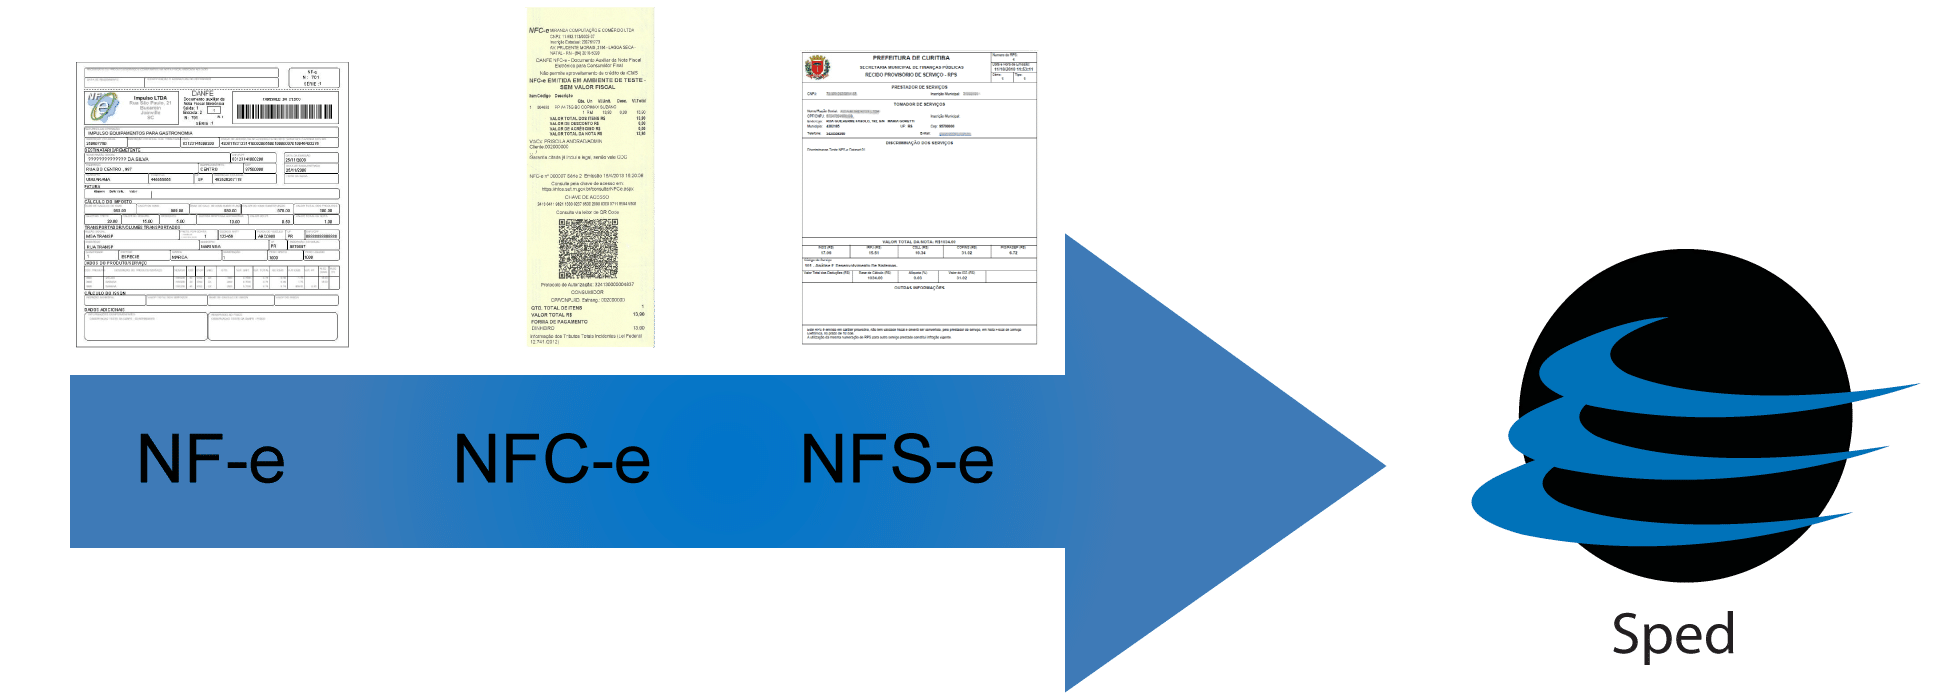 Vip Sistemas | Solução para Nota Fiscal, ECF e SPED | NFe, NFCe e NFSe